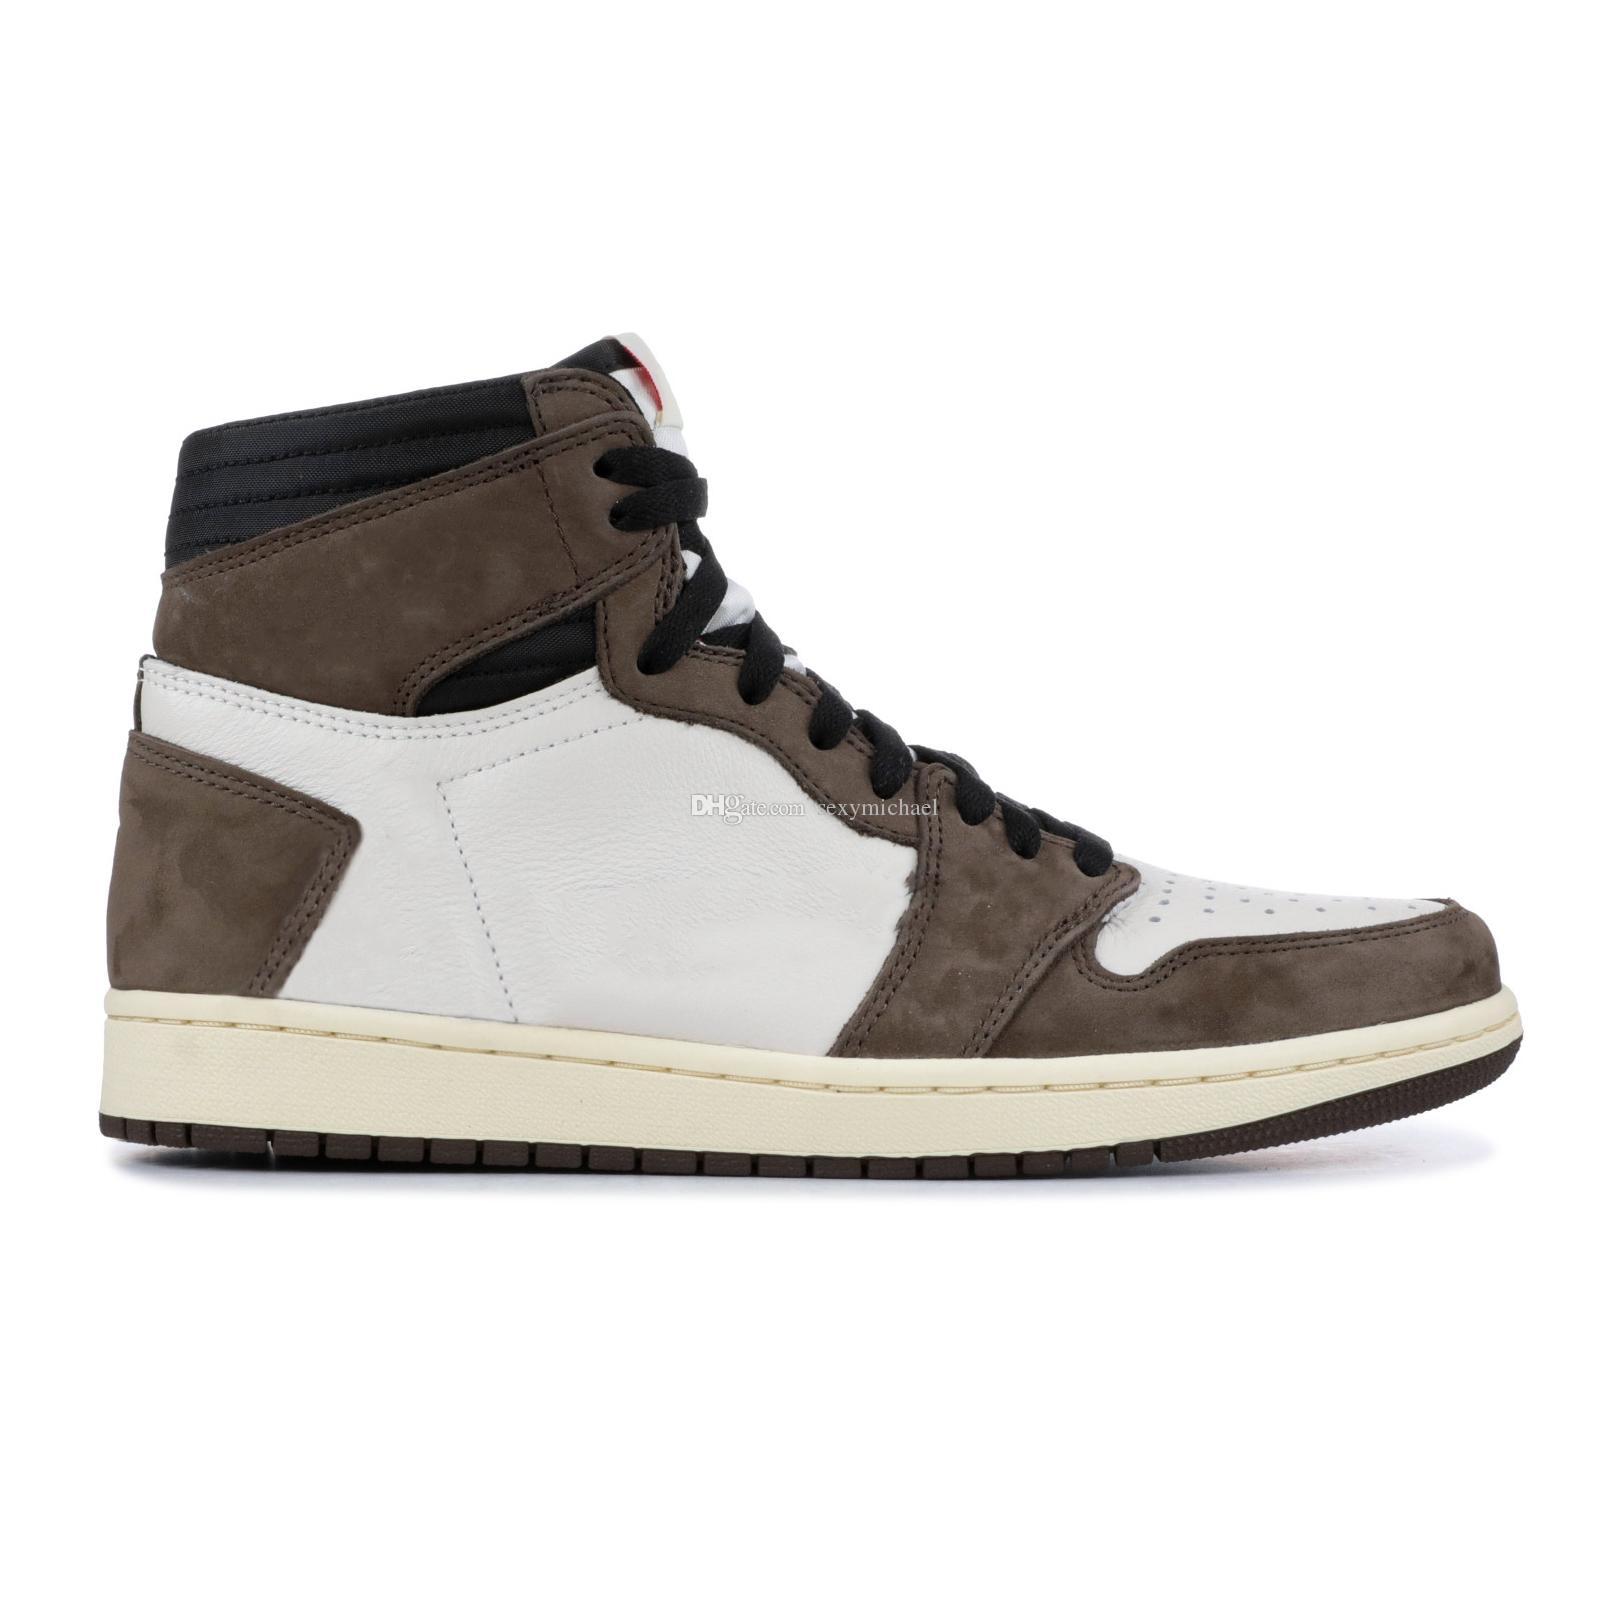 1s Travis черного темного мокко дешевые 1 реверсивных Баскетбол обуви Женщина тренеры мужских Новые 2019 Кроссовок с коробкой